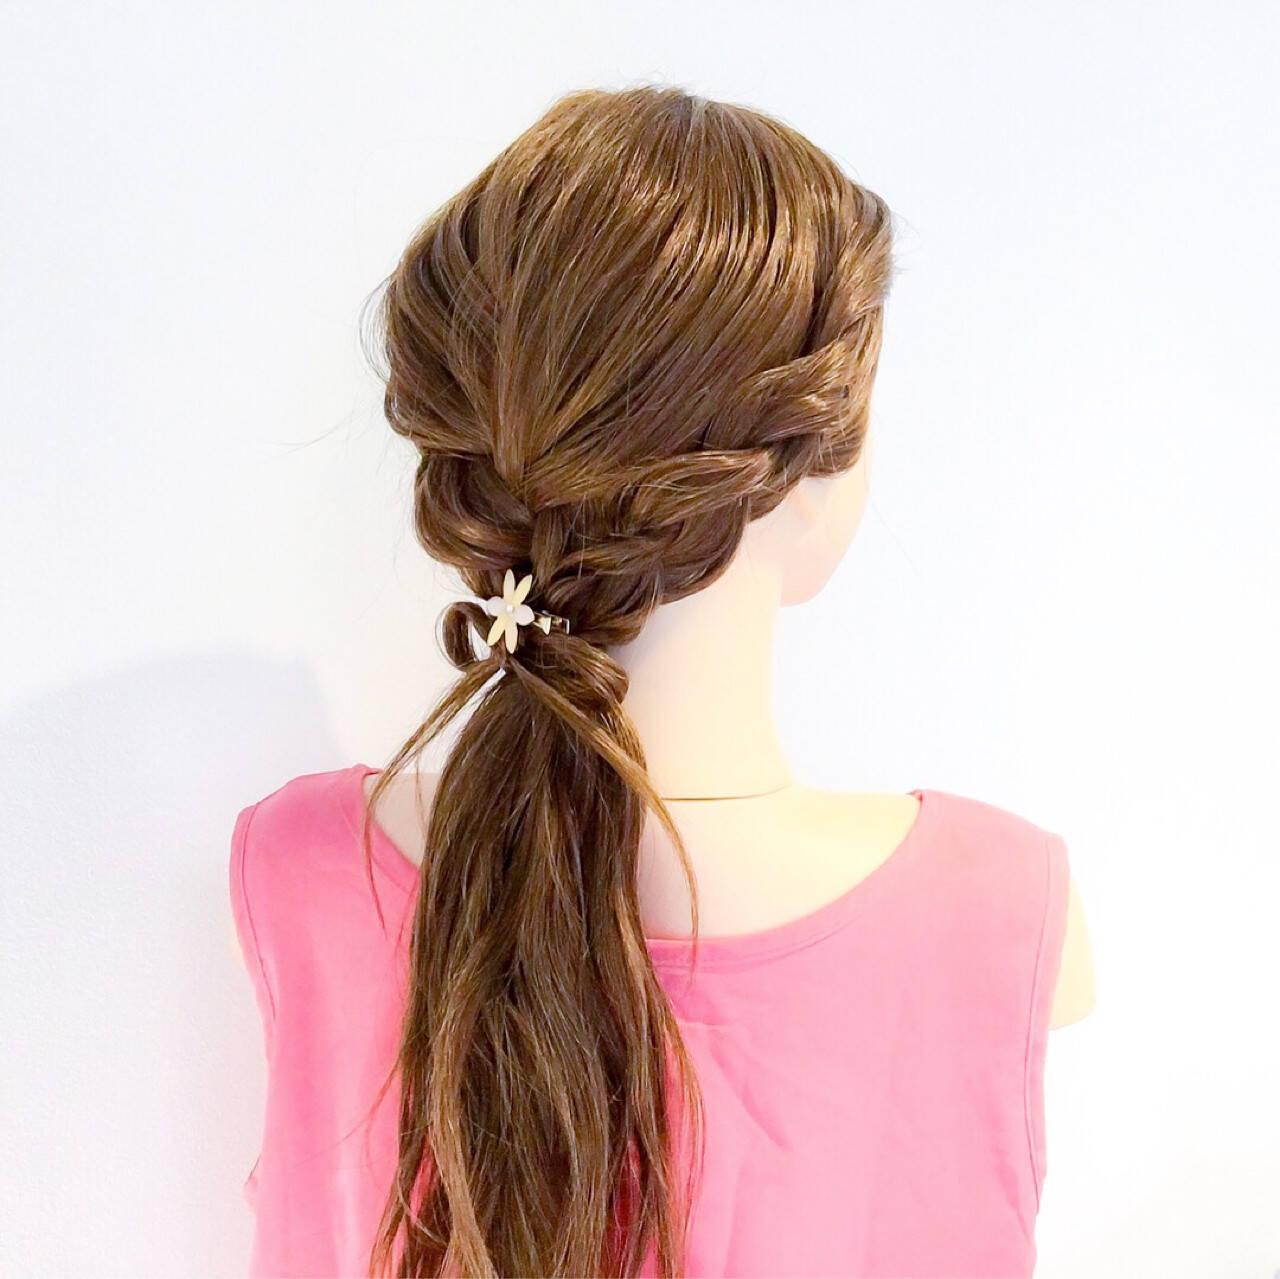 ヘアアレンジ 簡単ヘアアレンジ ロング 上品ヘアスタイルや髪型の写真・画像